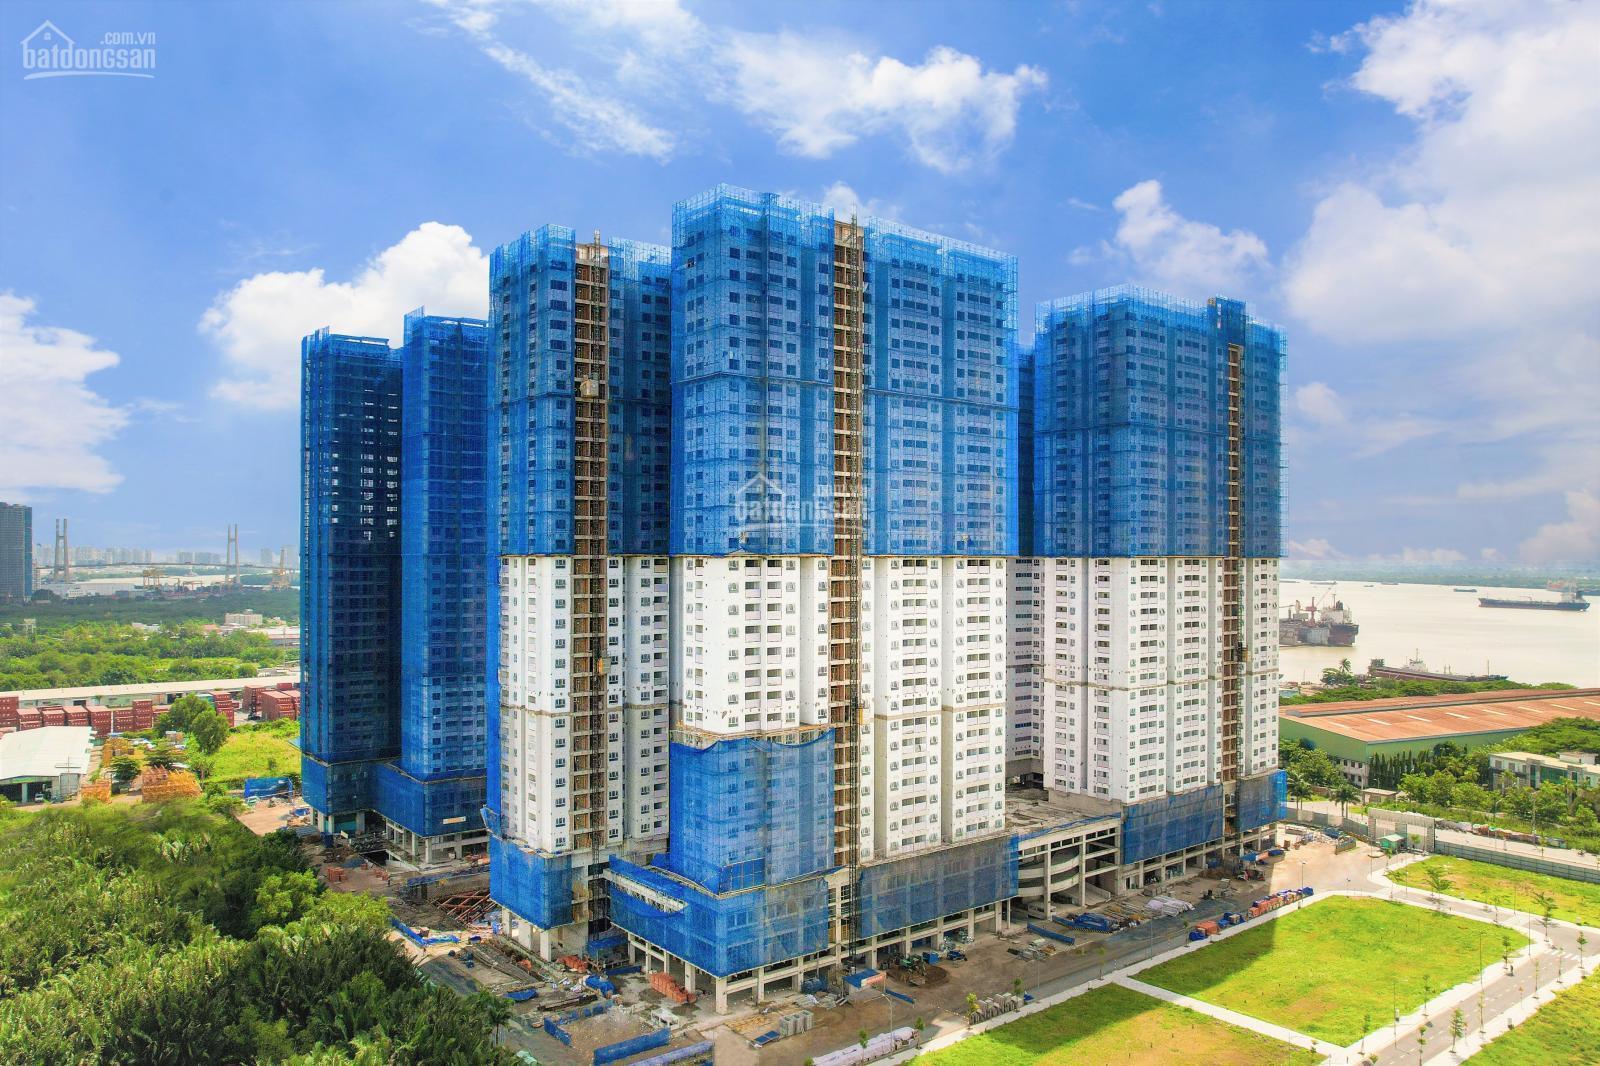 Căn hộ Q7 Saigon Riverside, DT: 54m2-86m2 giá chỉ 1,8 tỷ/căn, cam kết bán đúng giá, LH: 0906360127